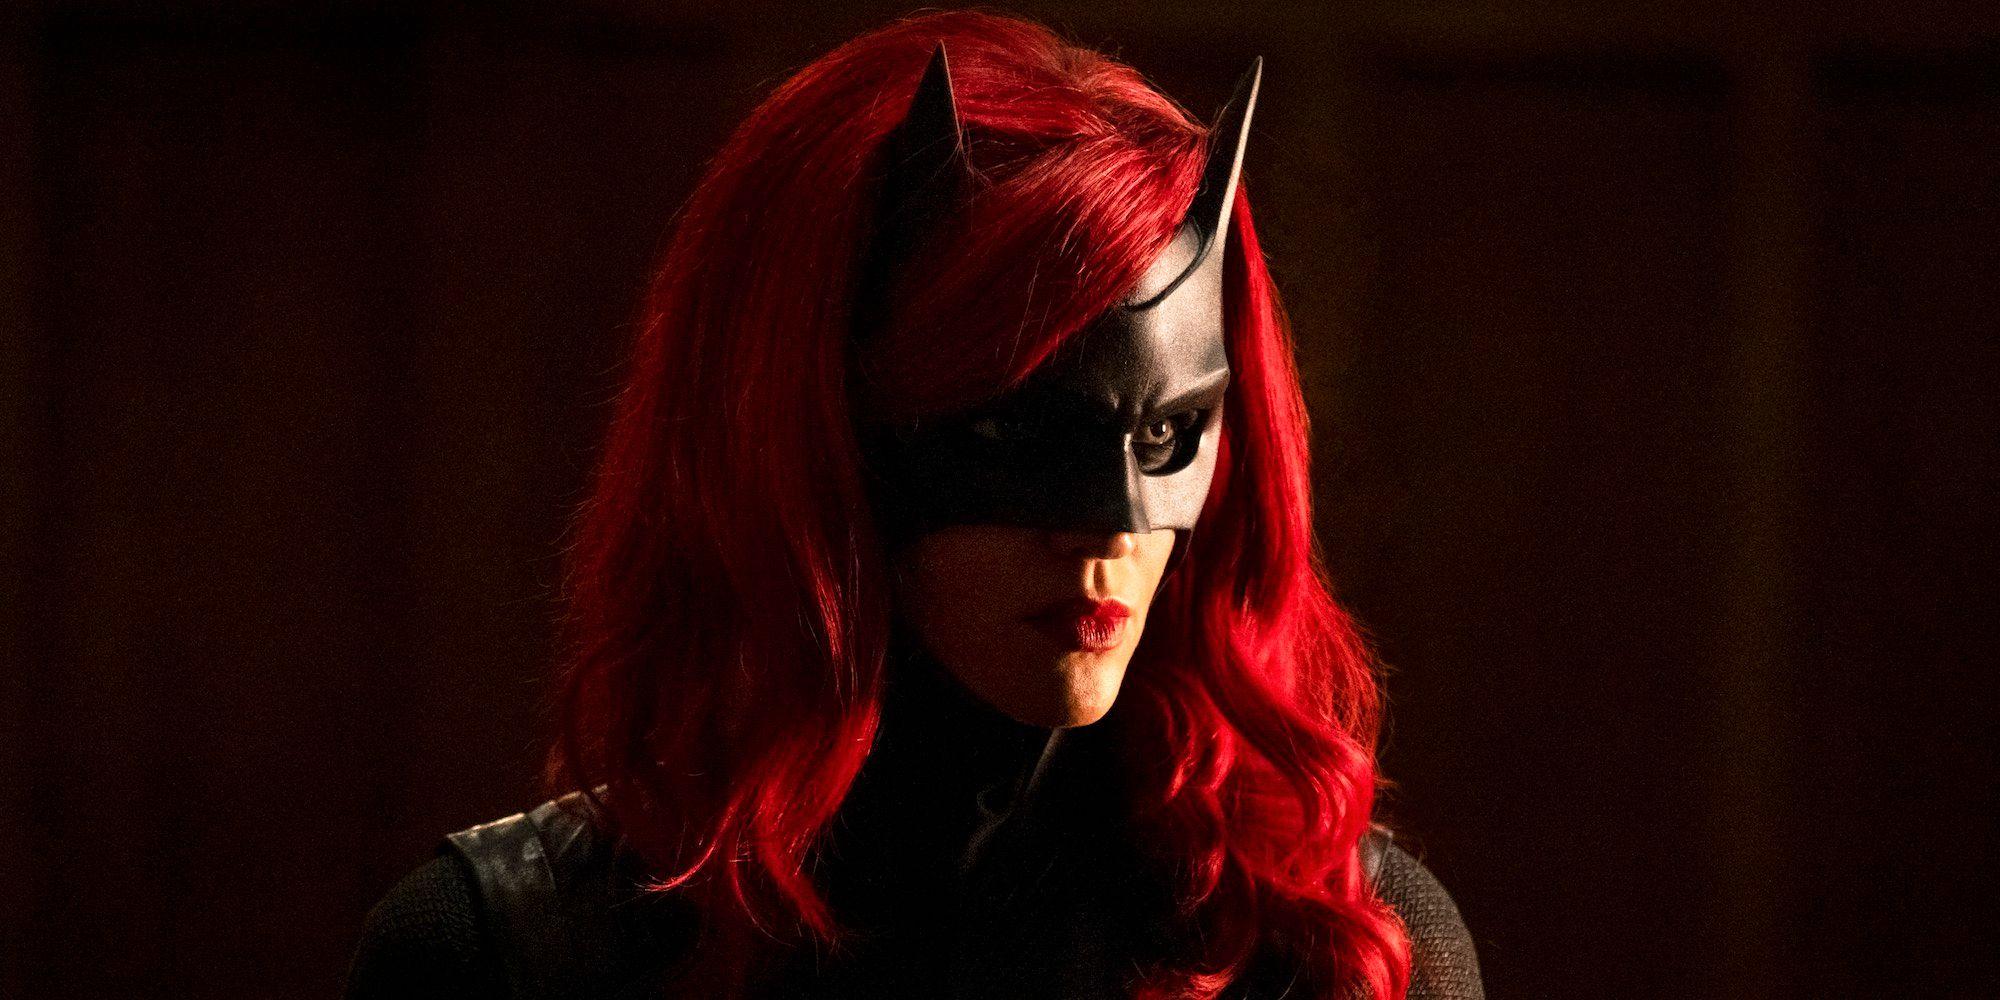 63671 Во 2 сезоне «Бэтвумен» будет не просто новая актриса, но новая героиня